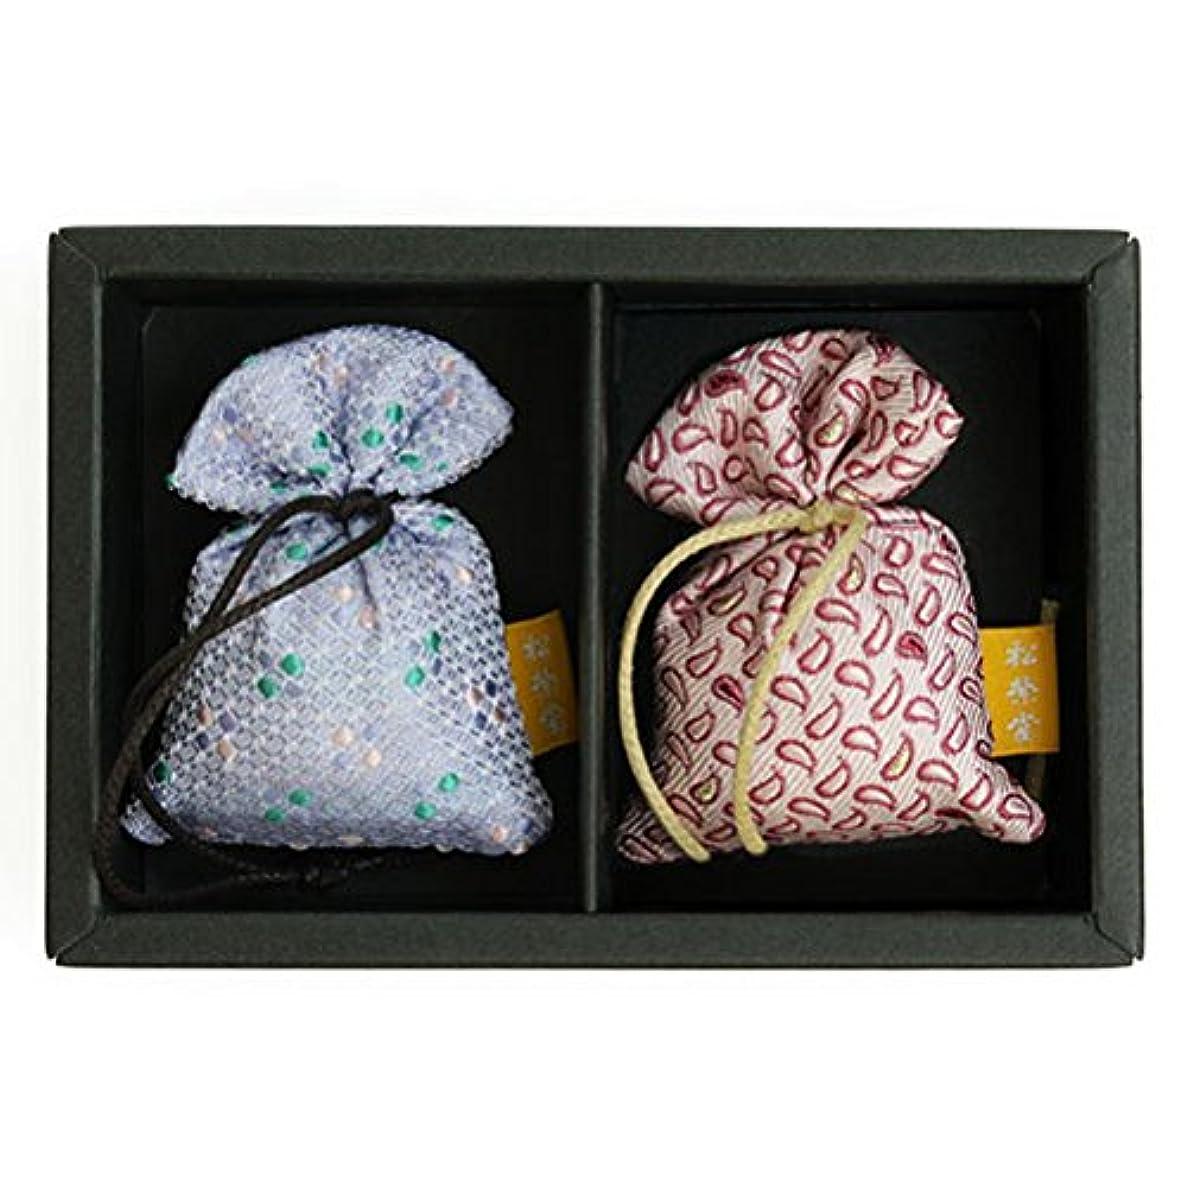 セール道を作る干し草匂い袋 誰が袖 薫 かおる 2個入 松栄堂 Shoyeido 本体長さ60mm (色?柄は選べません)